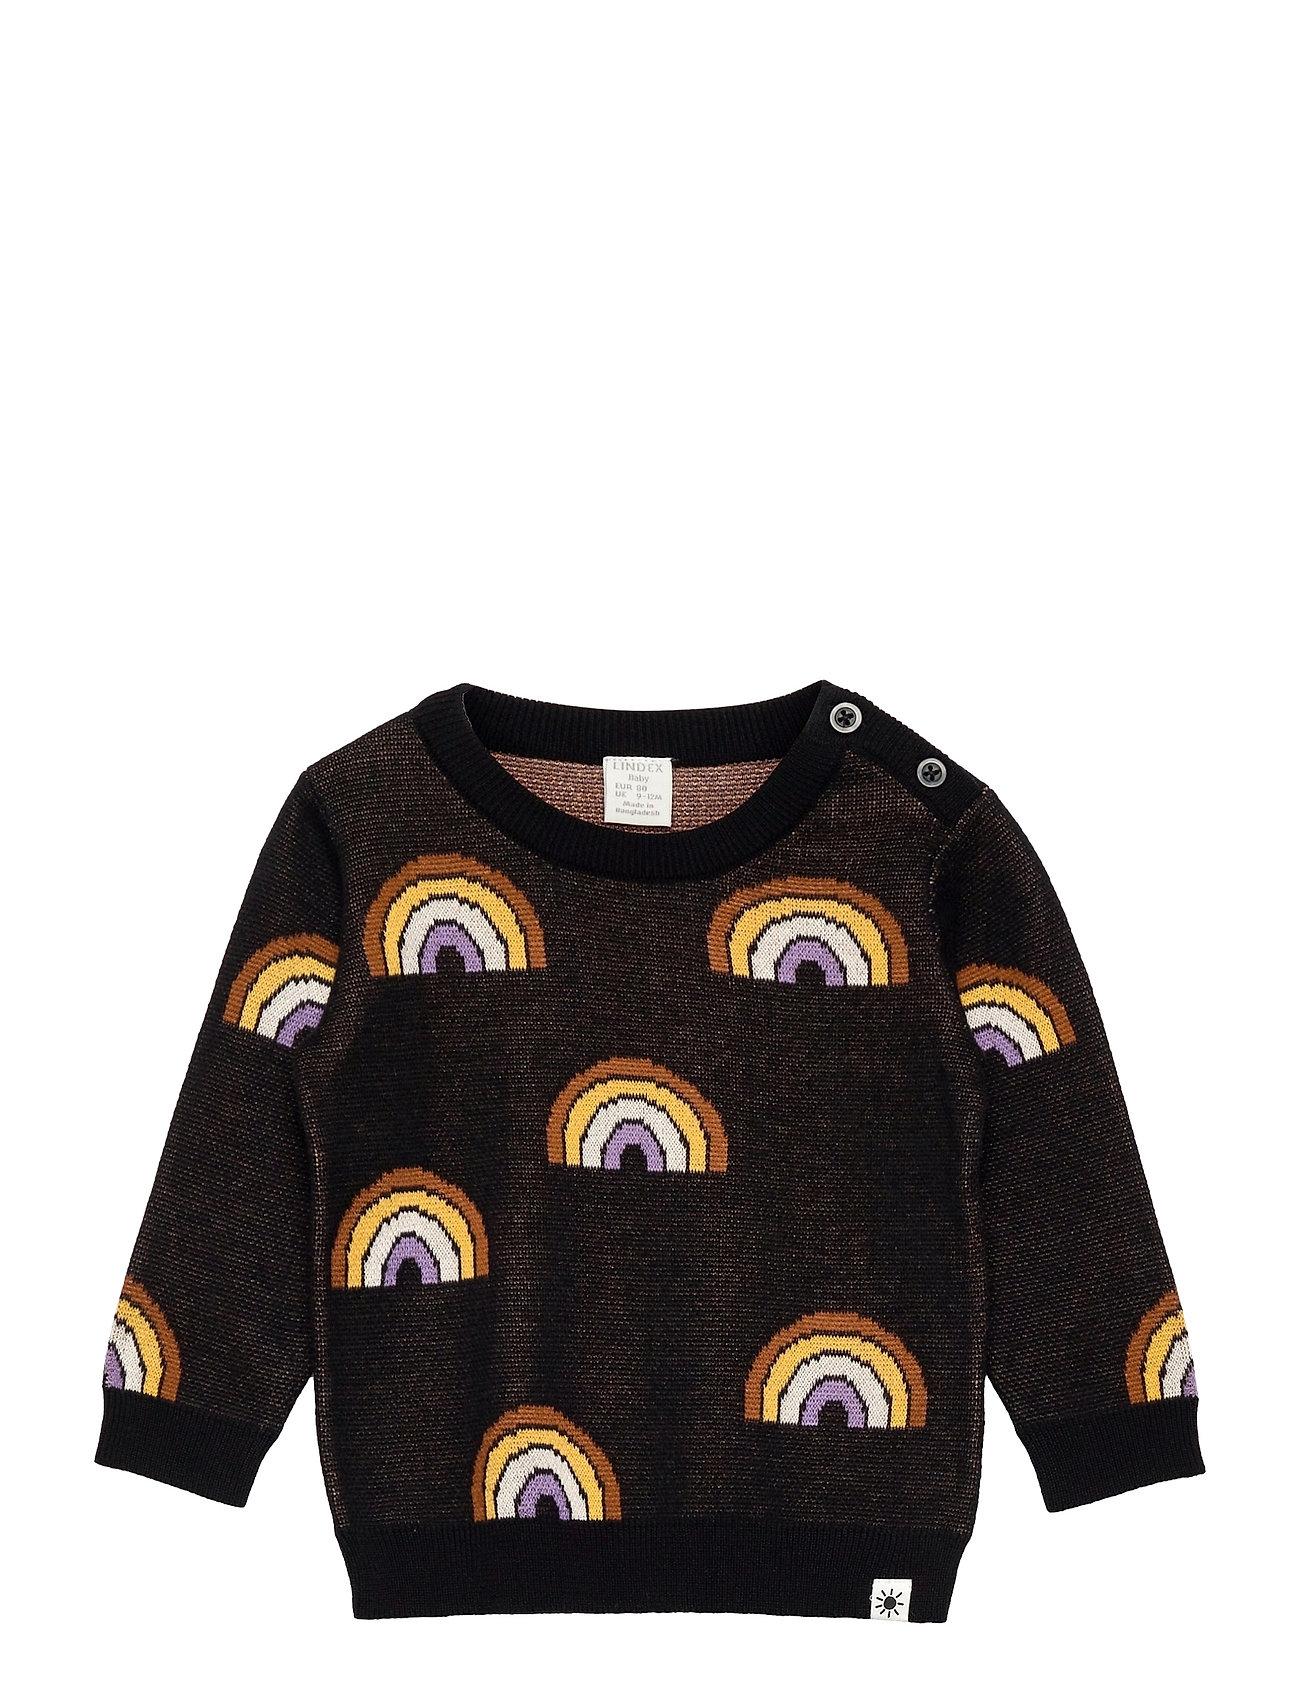 Sweater Knitted Intarsia Rainb Sweatshirt Trøje Sort Lindex